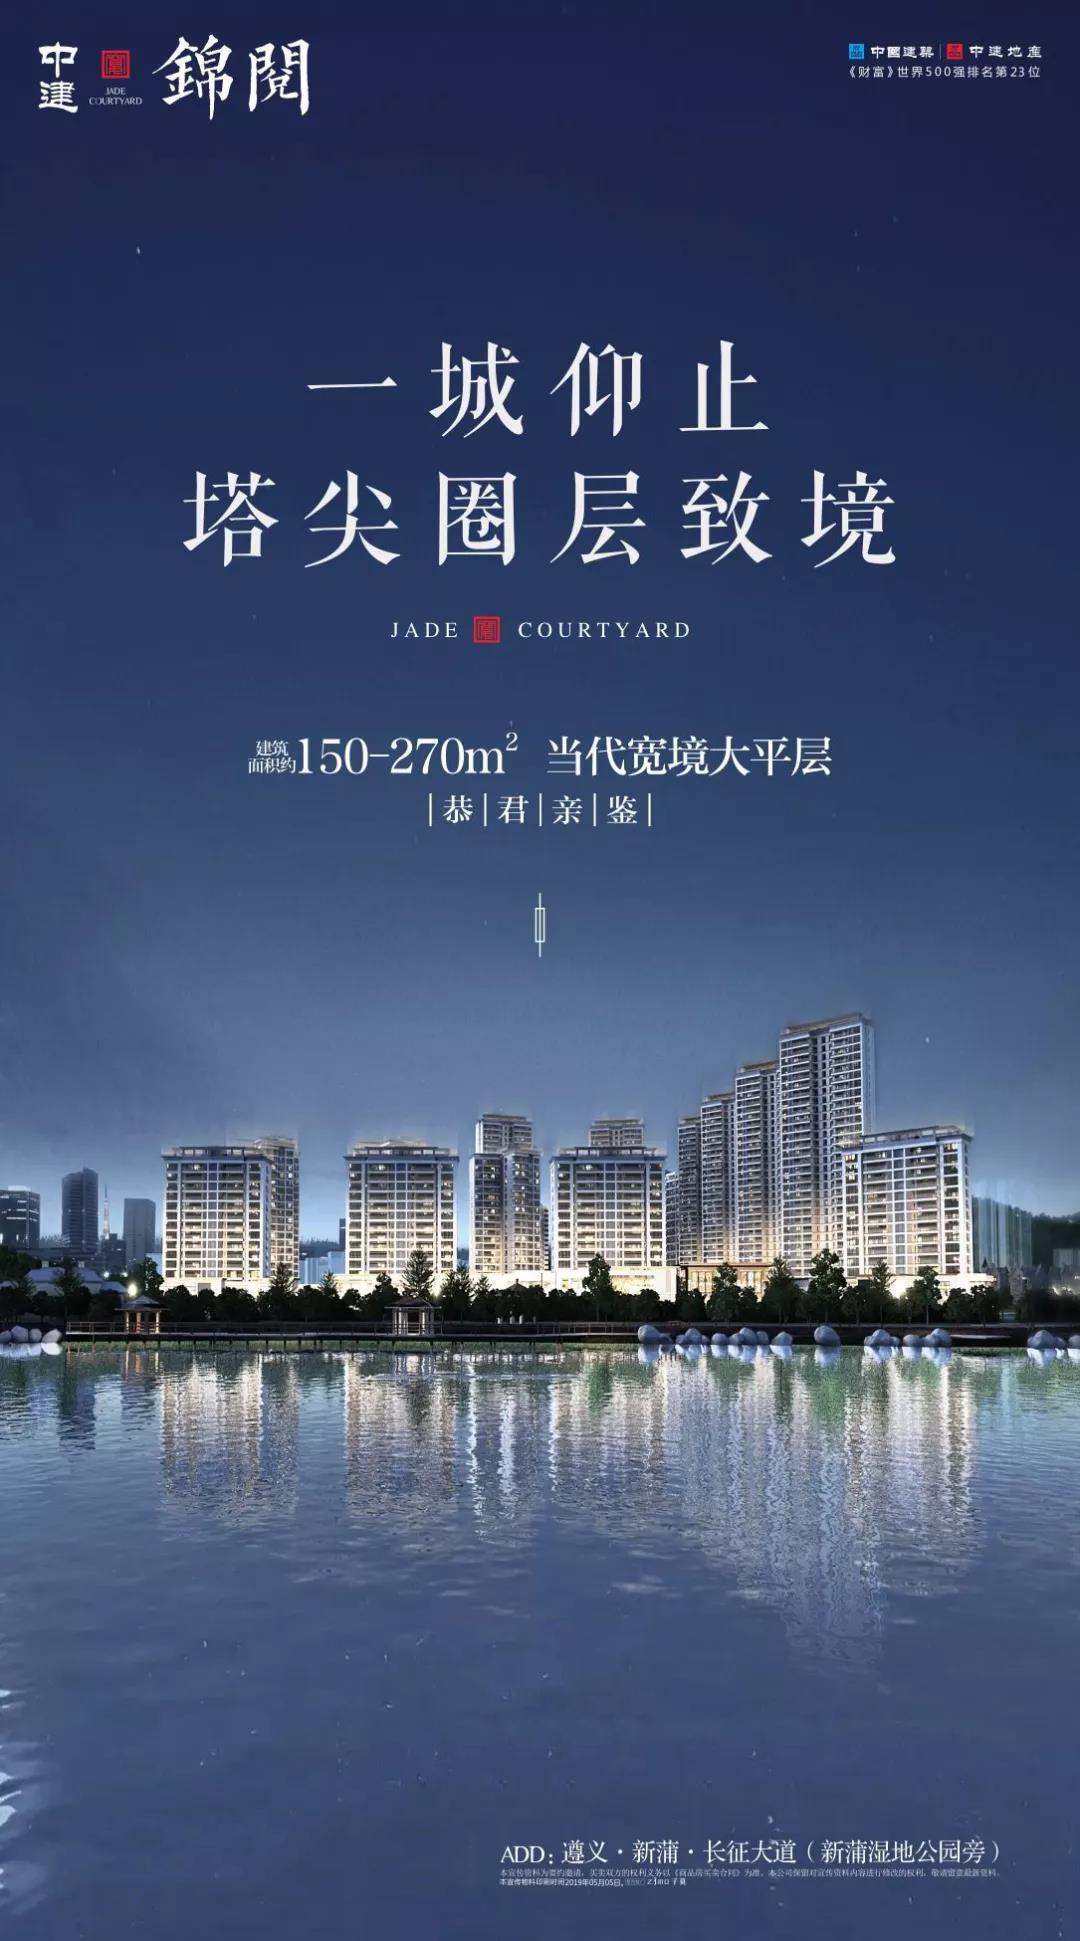 中建·锦阅解读 | 数字中隐藏着锦阅背后的秘密-中国网地产